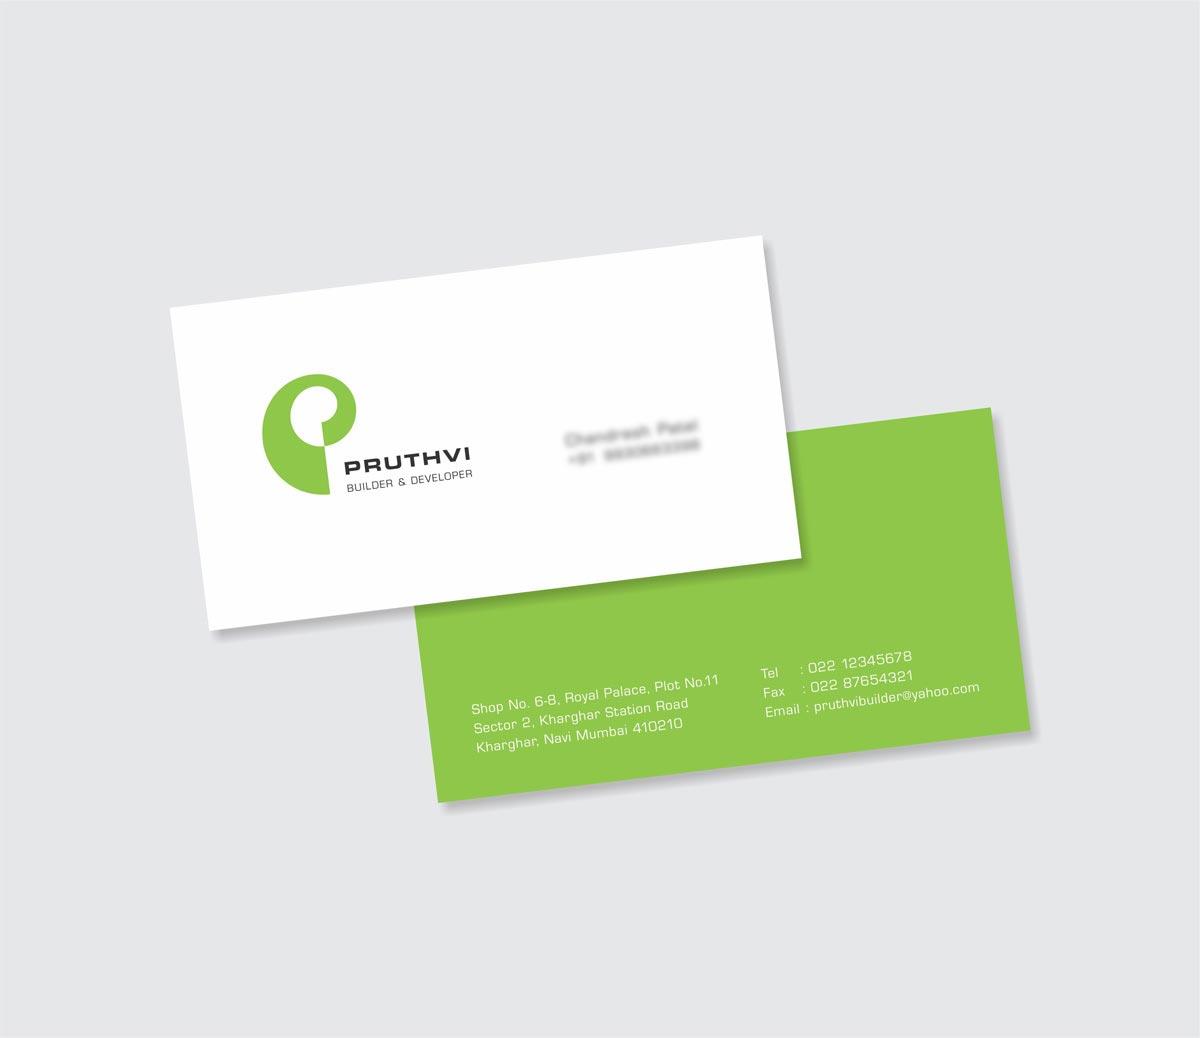 Business Card Design, Visiting Card Design for Pruthvi Builders & Developers